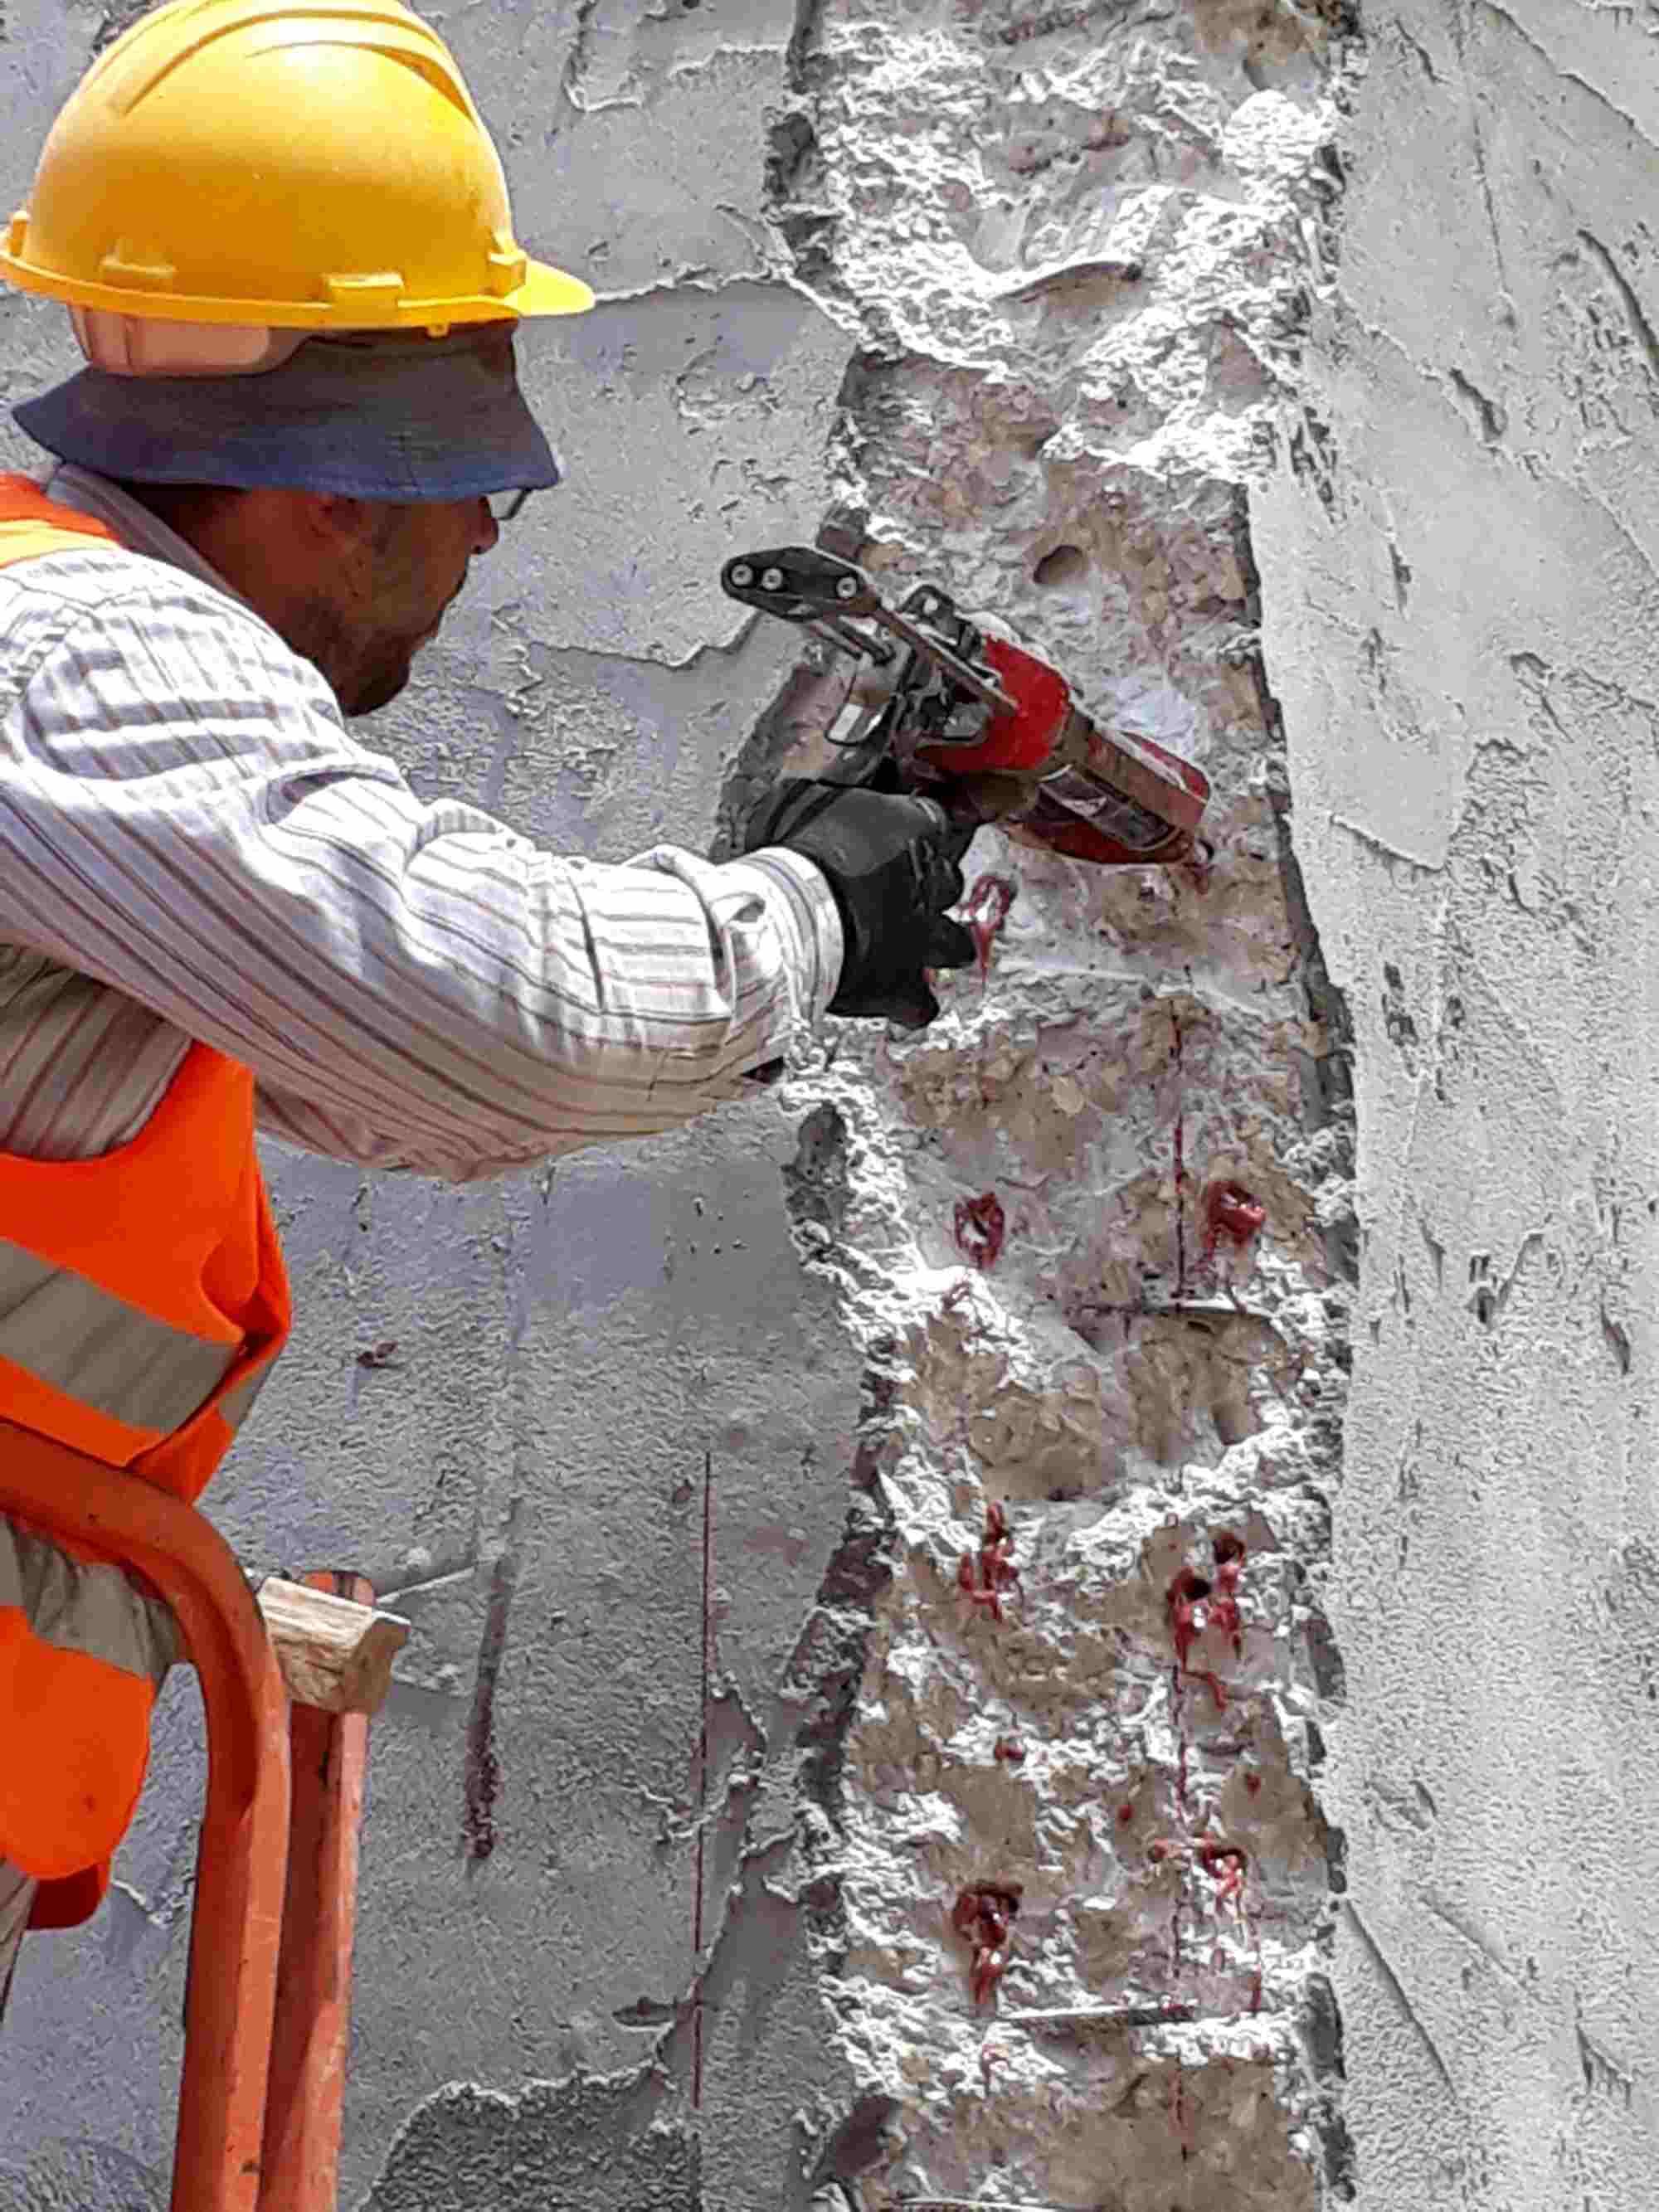 אקרו בסט תל אביב - התקנת קוצים עם עוגן כימי דבק אפוקסי AC500Pro ו-CT50Pro